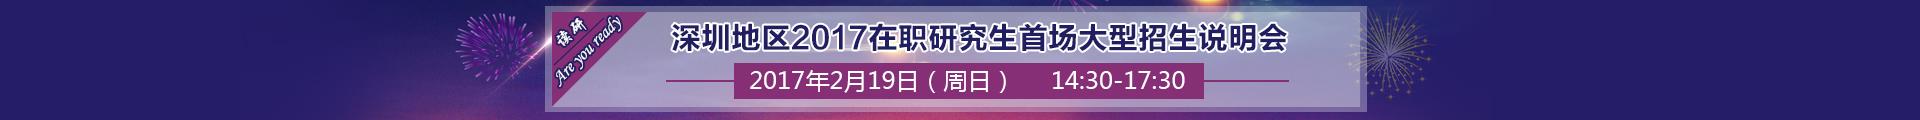 深圳地区2017首场在职读研招生说明会